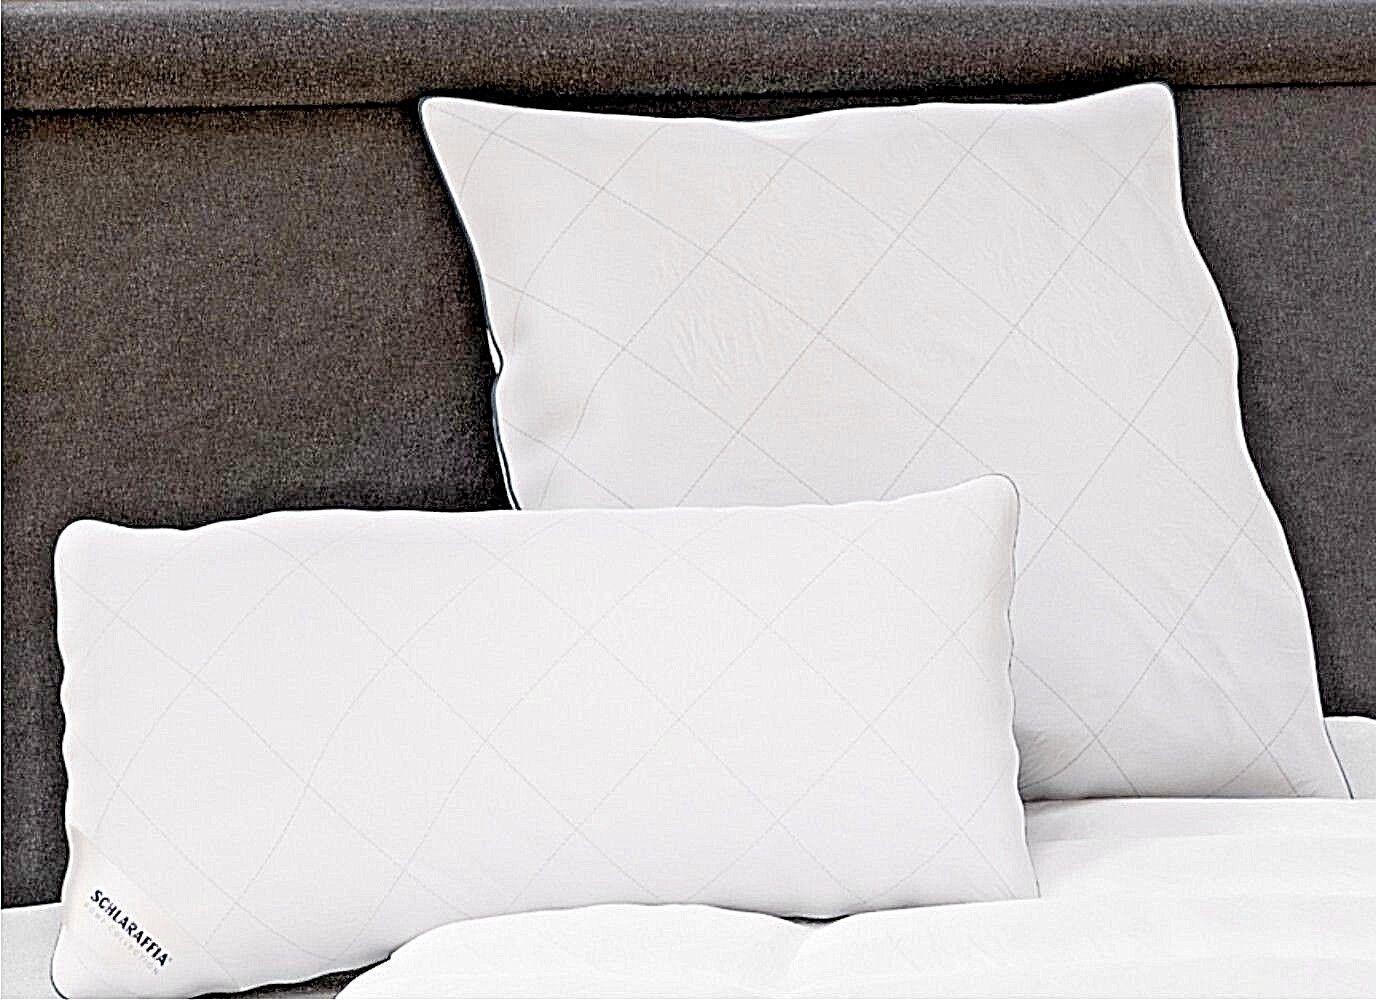 Schlaraffia Relax Kopfkissen Faserkissen 100% Polyester Schlaf Kissen waschbar